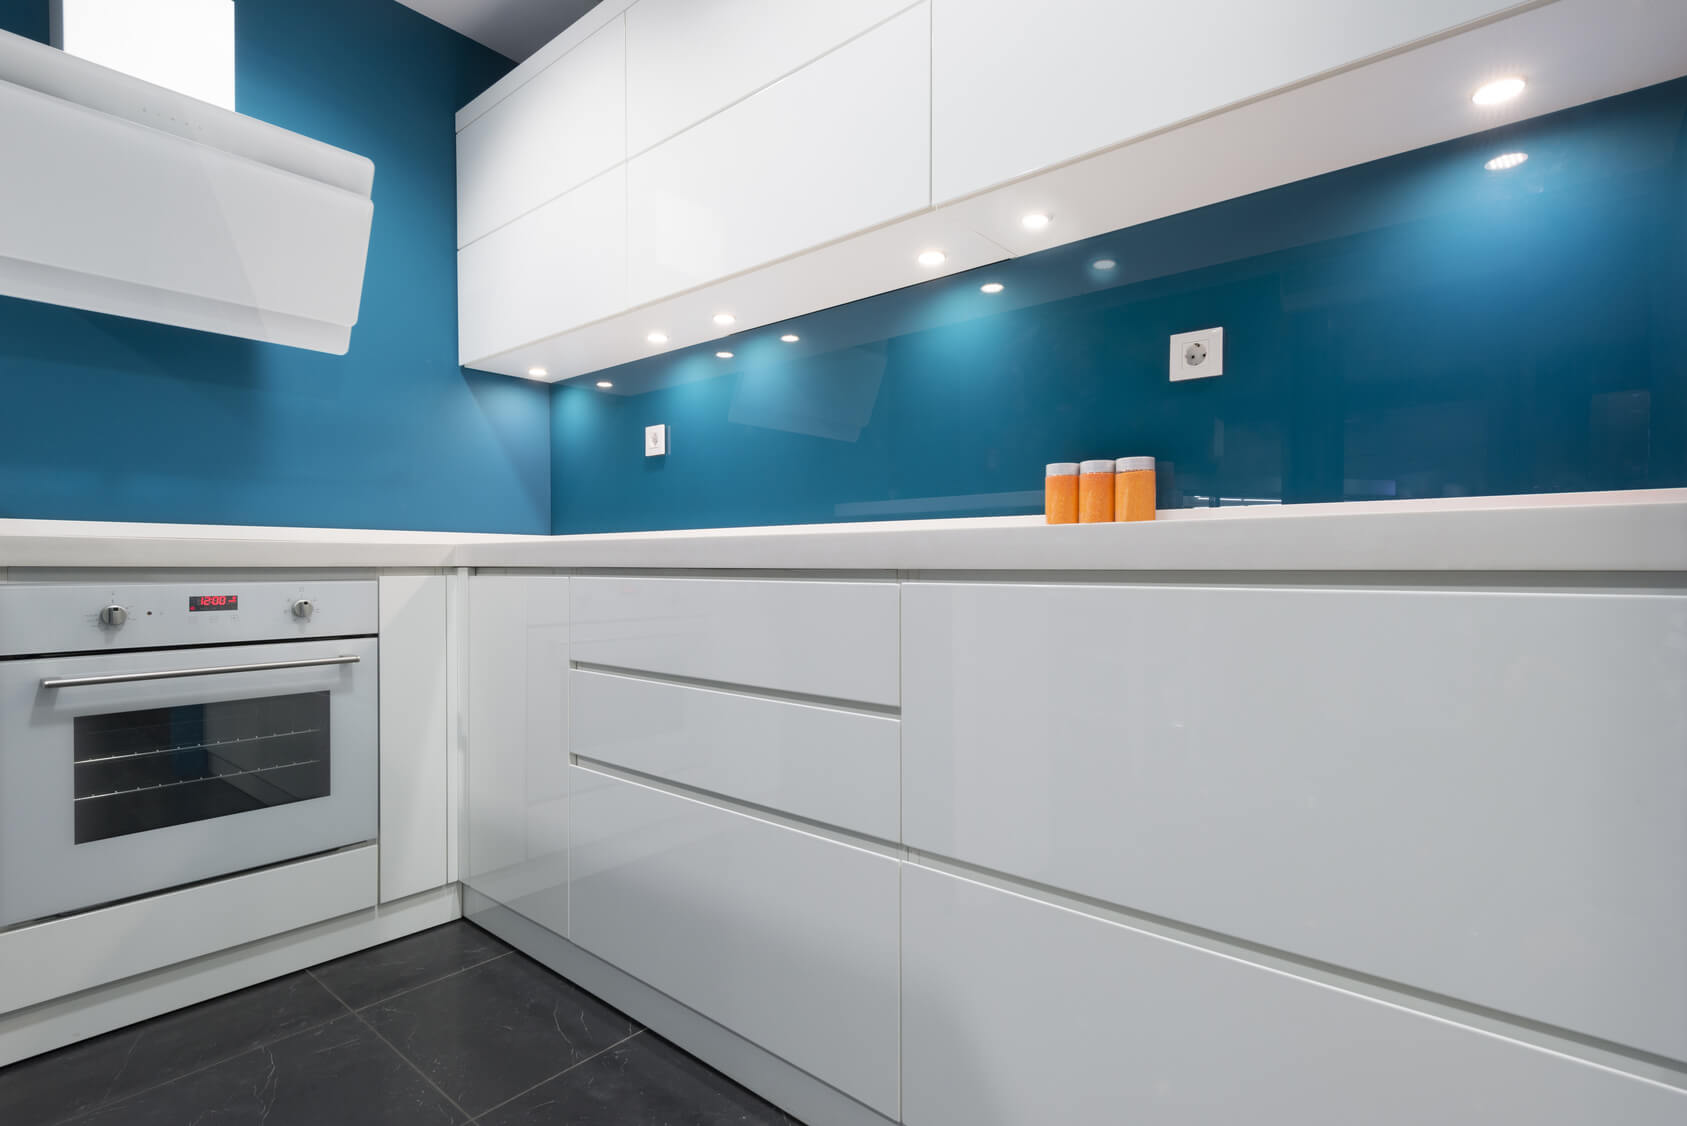 Cocina sin tiradores cocinas vitoria tierra home design for Tiradores para muebles de cocina